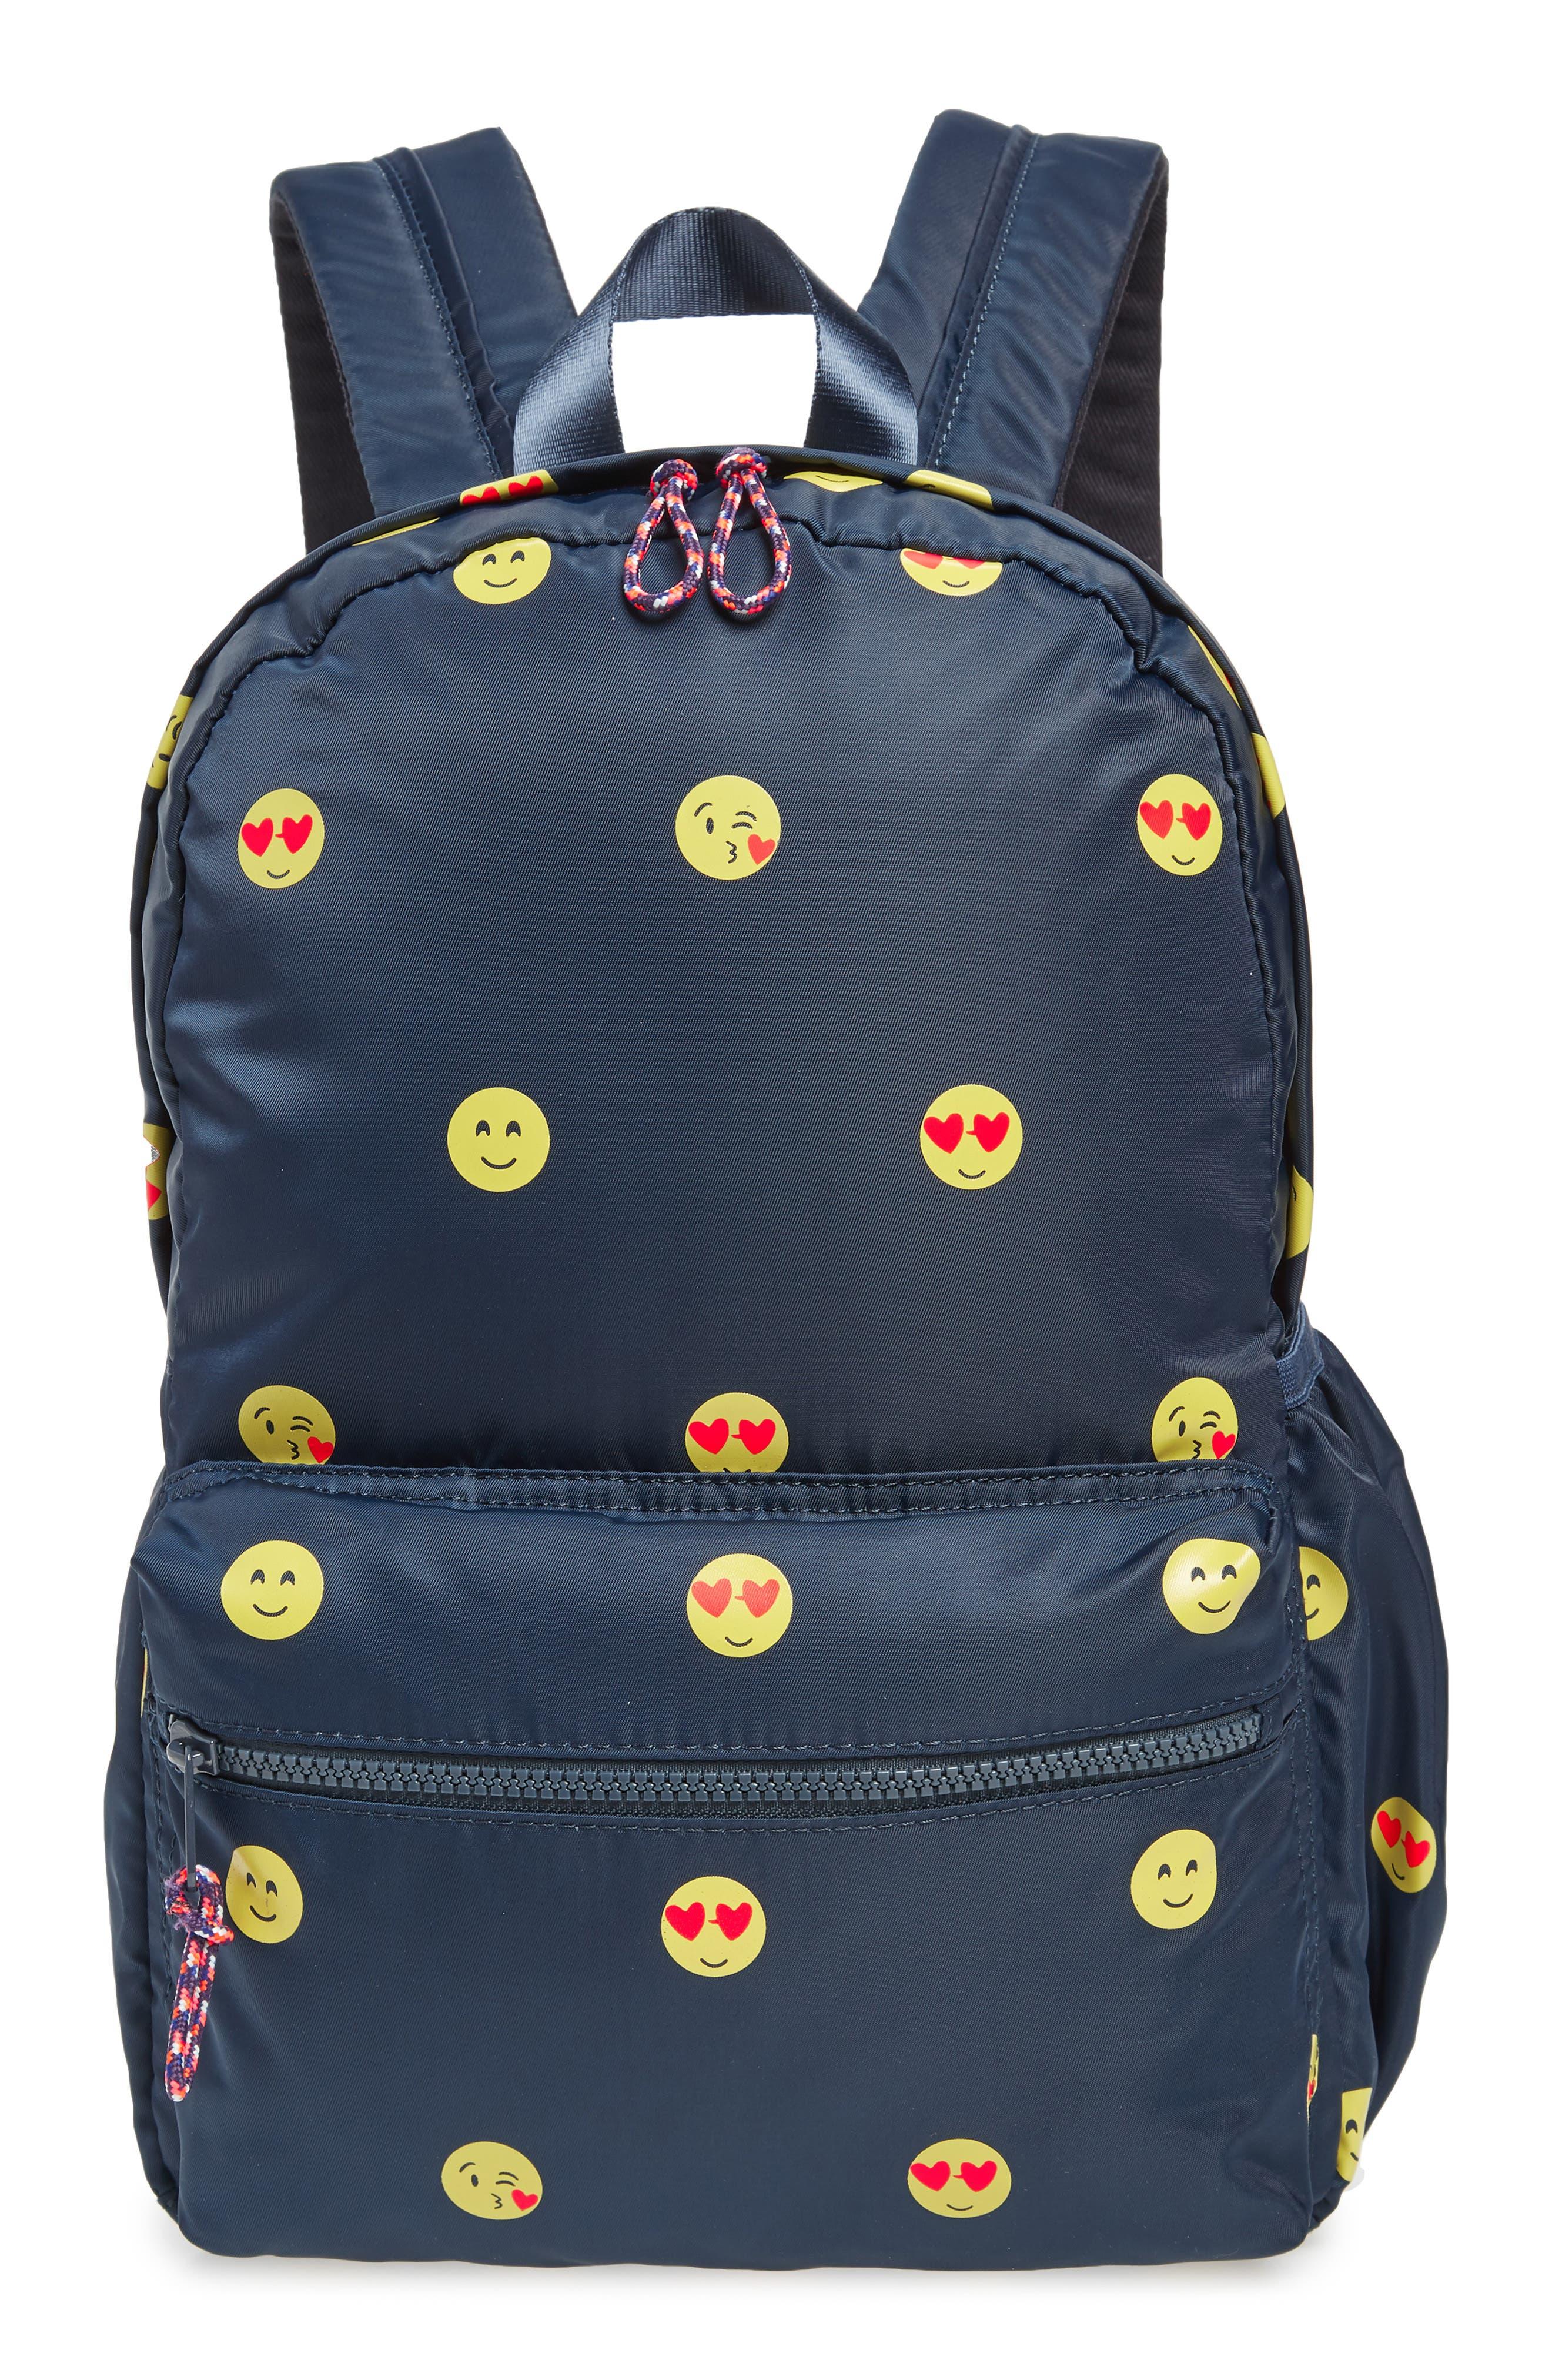 Emoji Backpack,                             Main thumbnail 1, color,                             NAVY